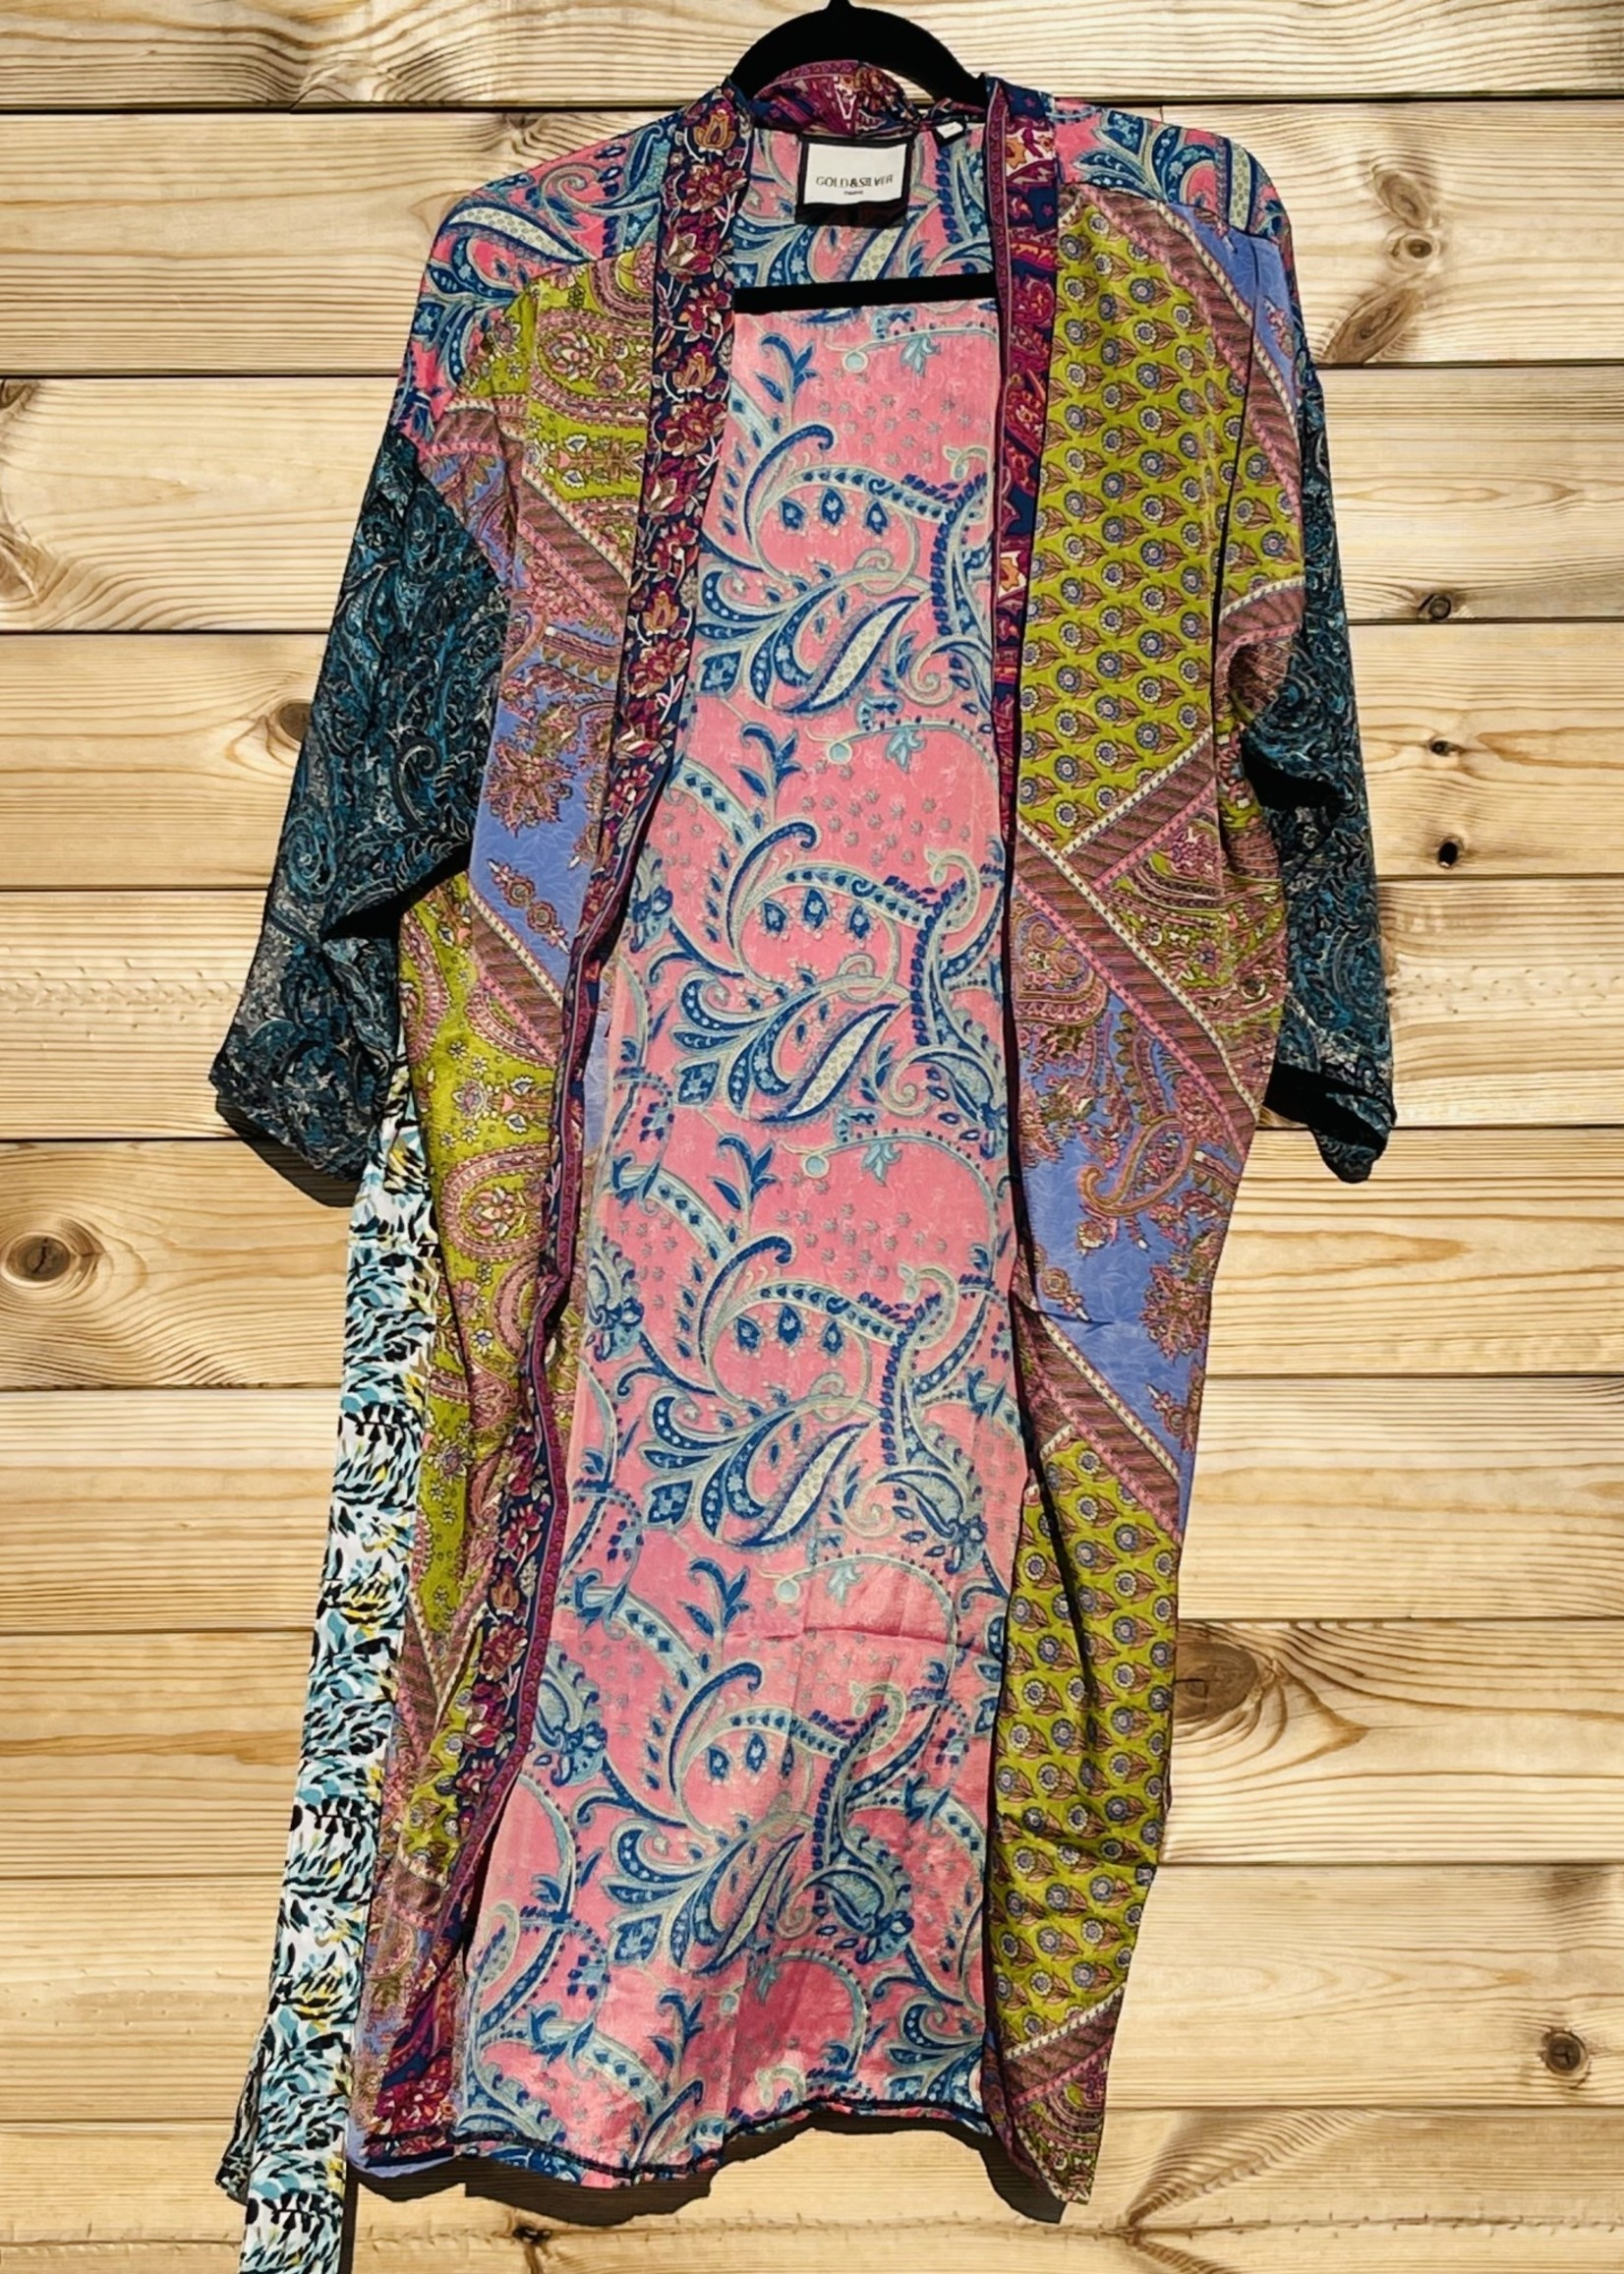 Guts & Goats Kimono Half Long 106